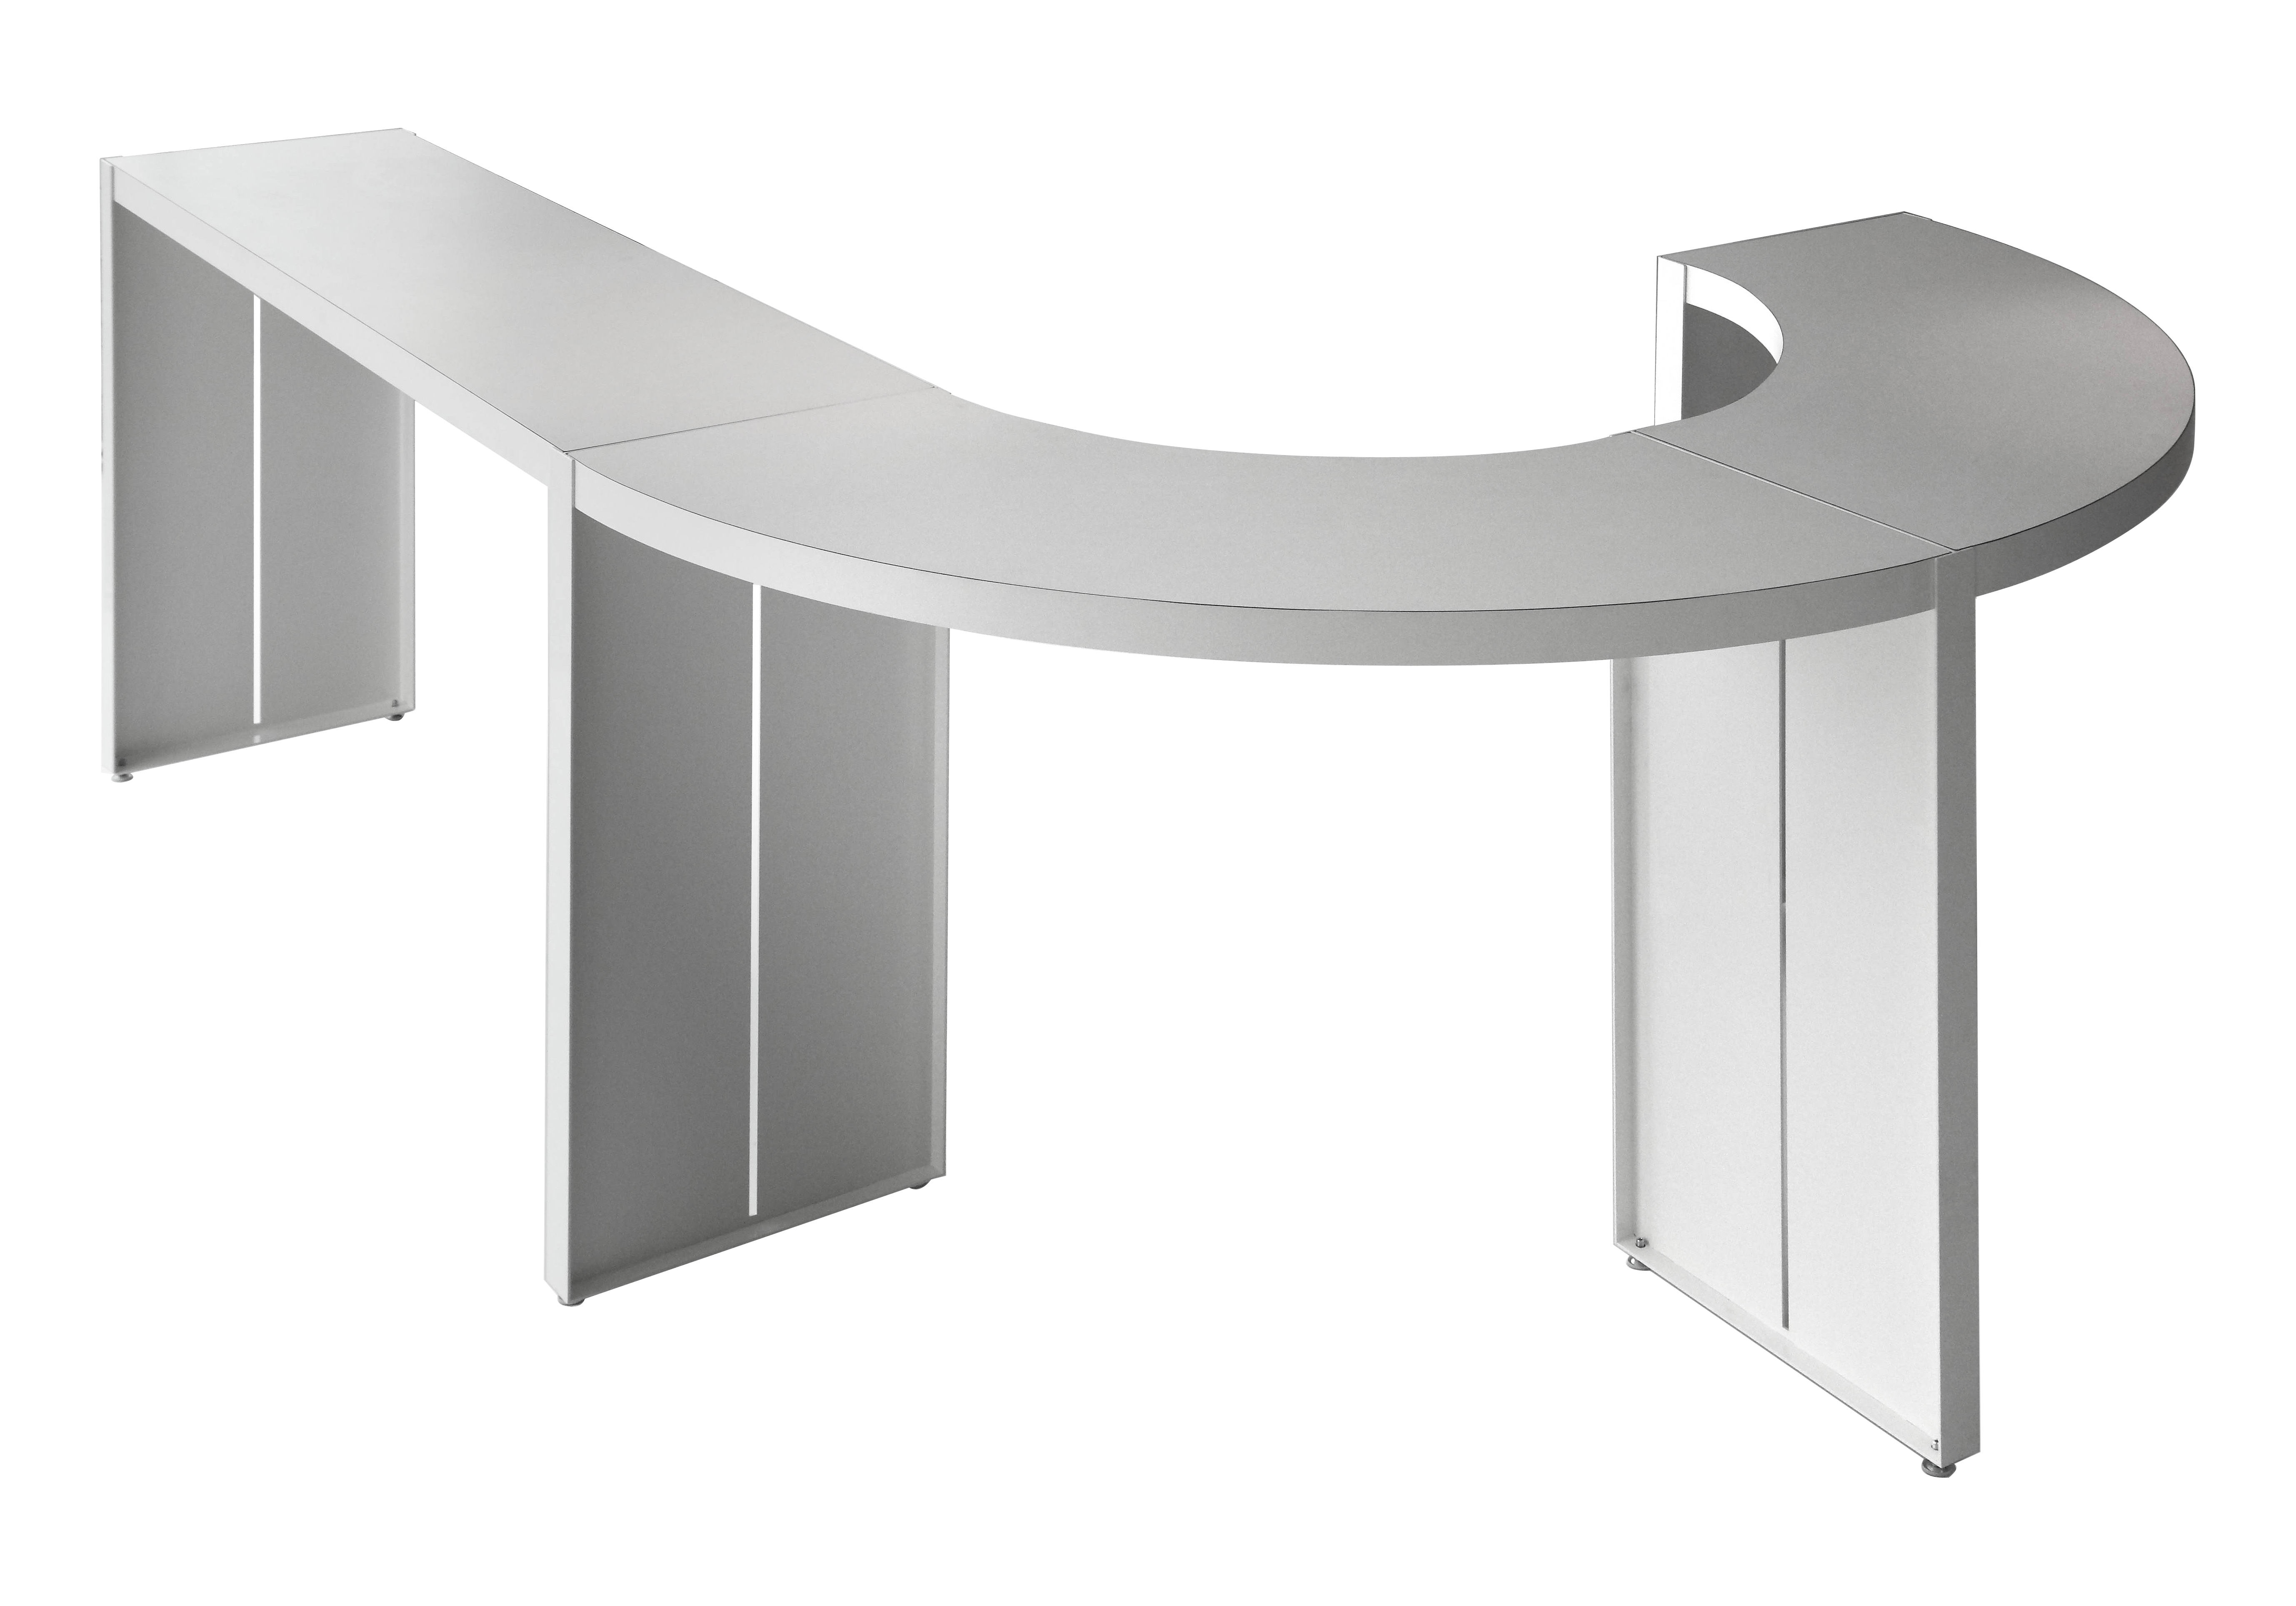 Arredamento - Tavoli alti - Tavolo alto Panco - h 110 cm di Lapalma - Bianco Laminato - L 110 cm / Arco di cerchio - Compensato, metallo laccato